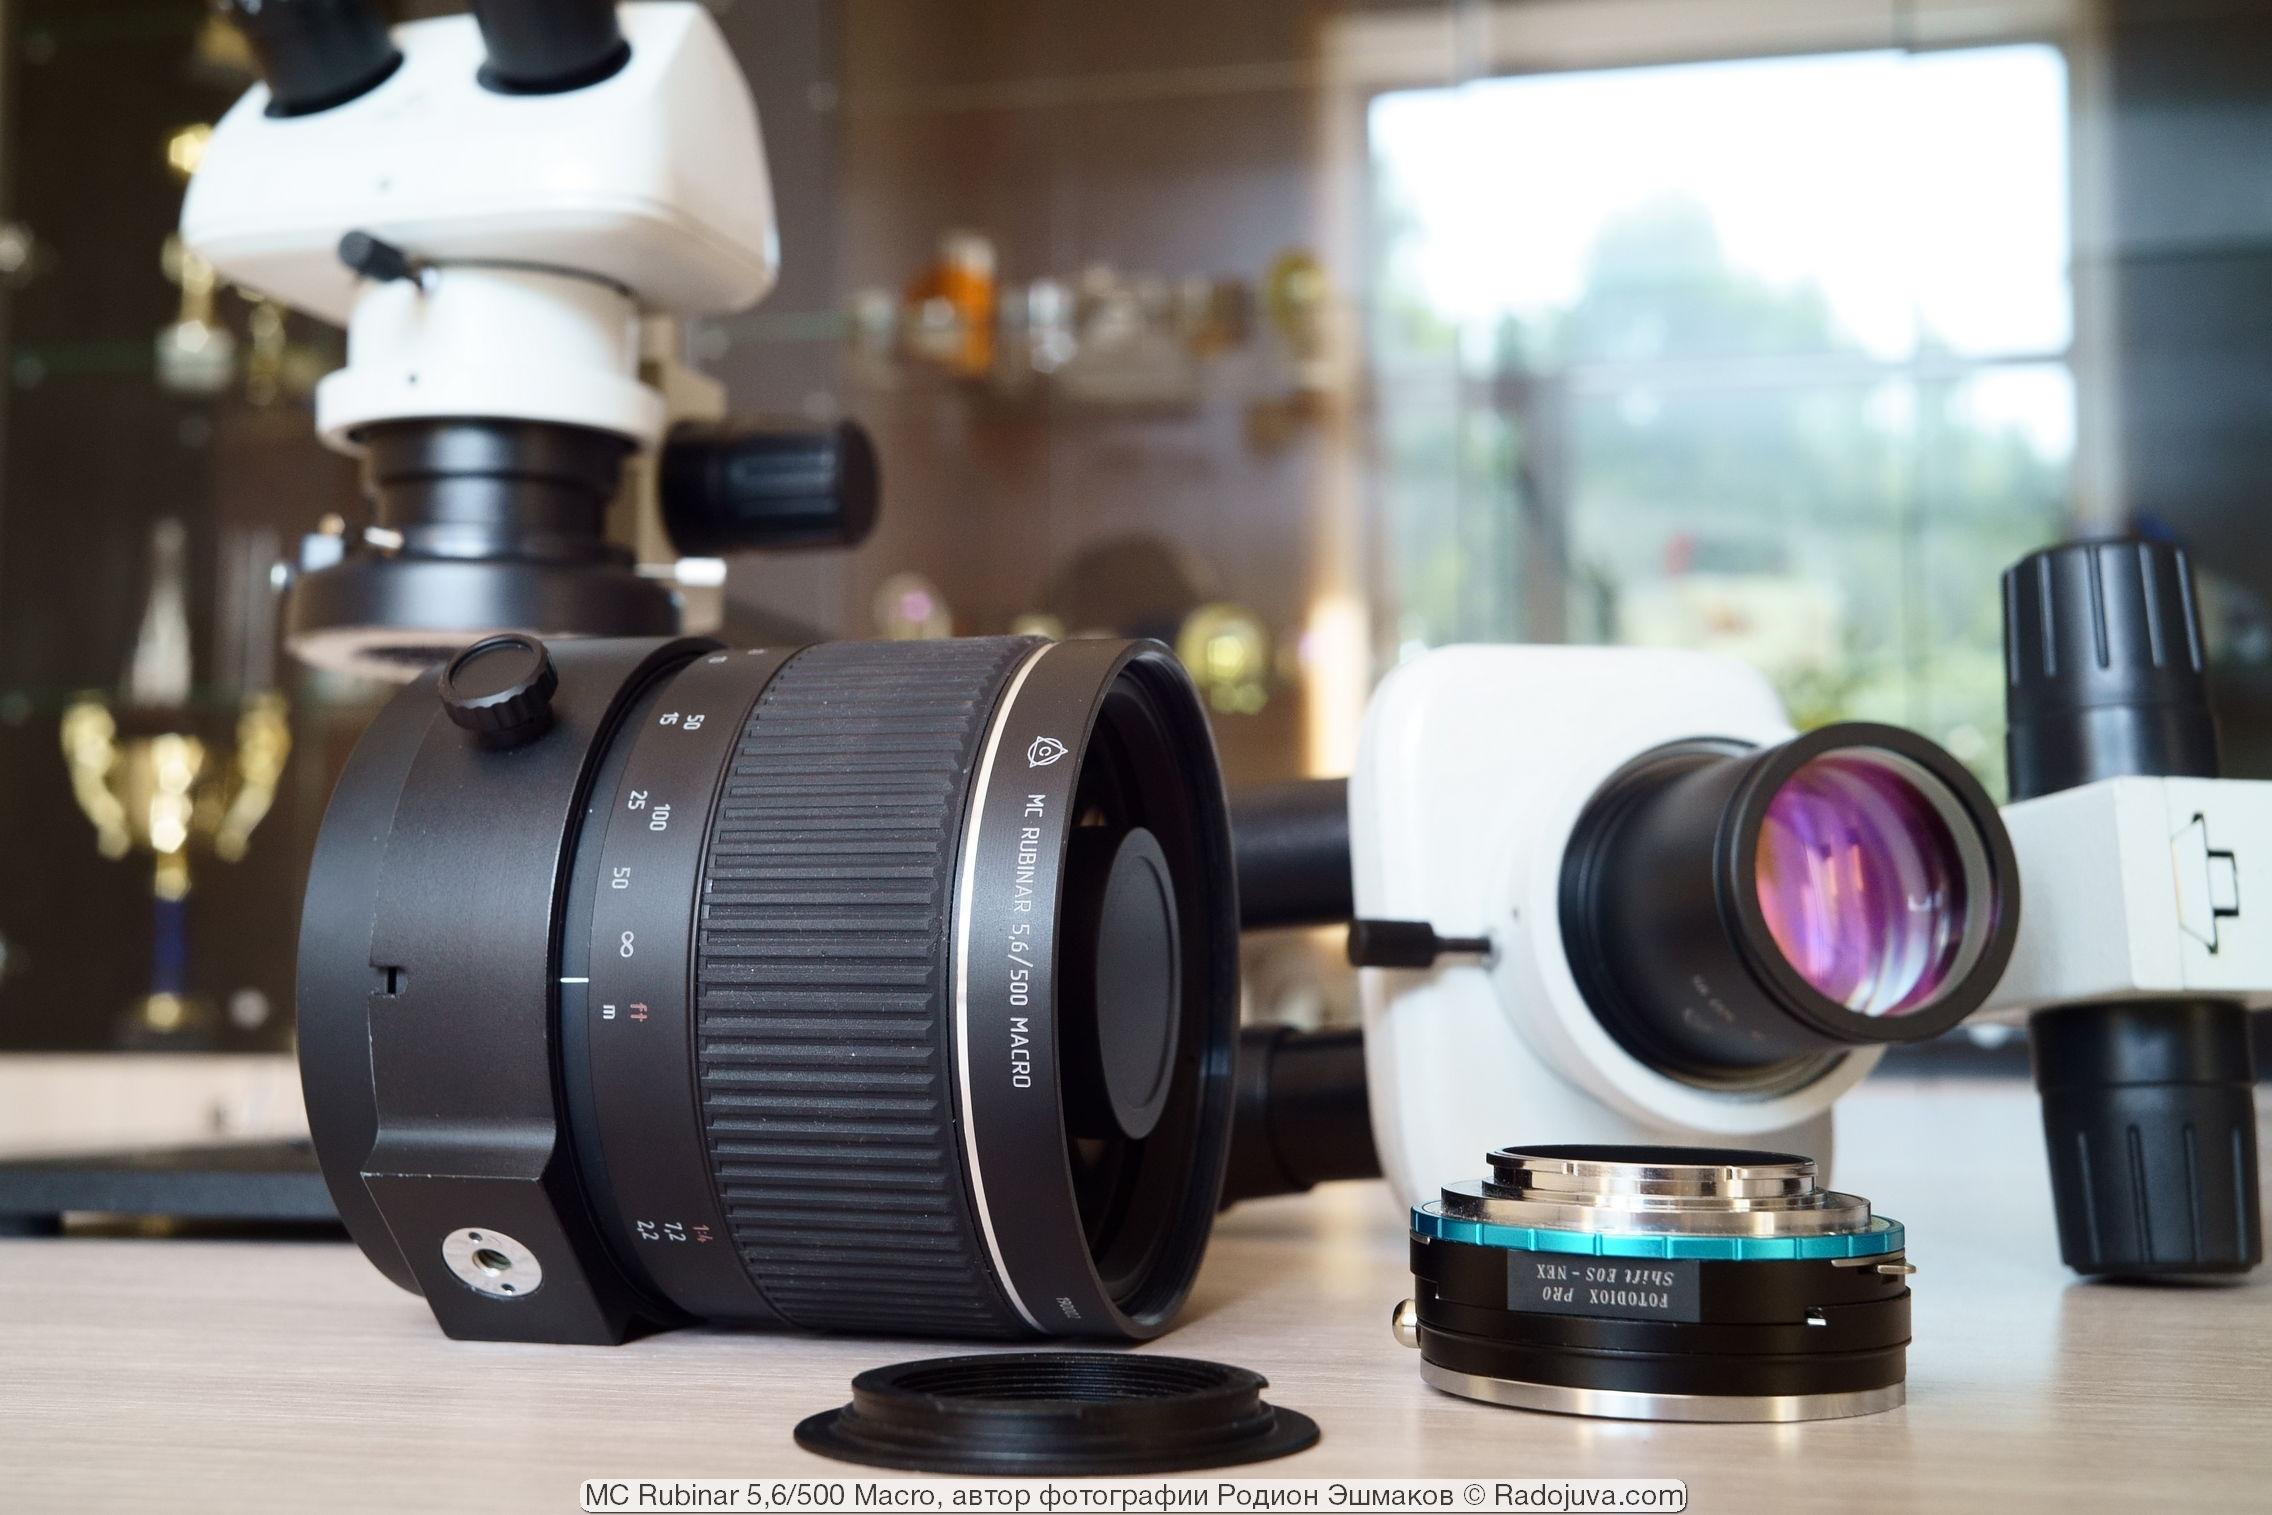 Рубинар 500/5.6, адаптеры для установки на камеру и микроскопы (тоже ЛЗОС) на заднем плане — для антуража.